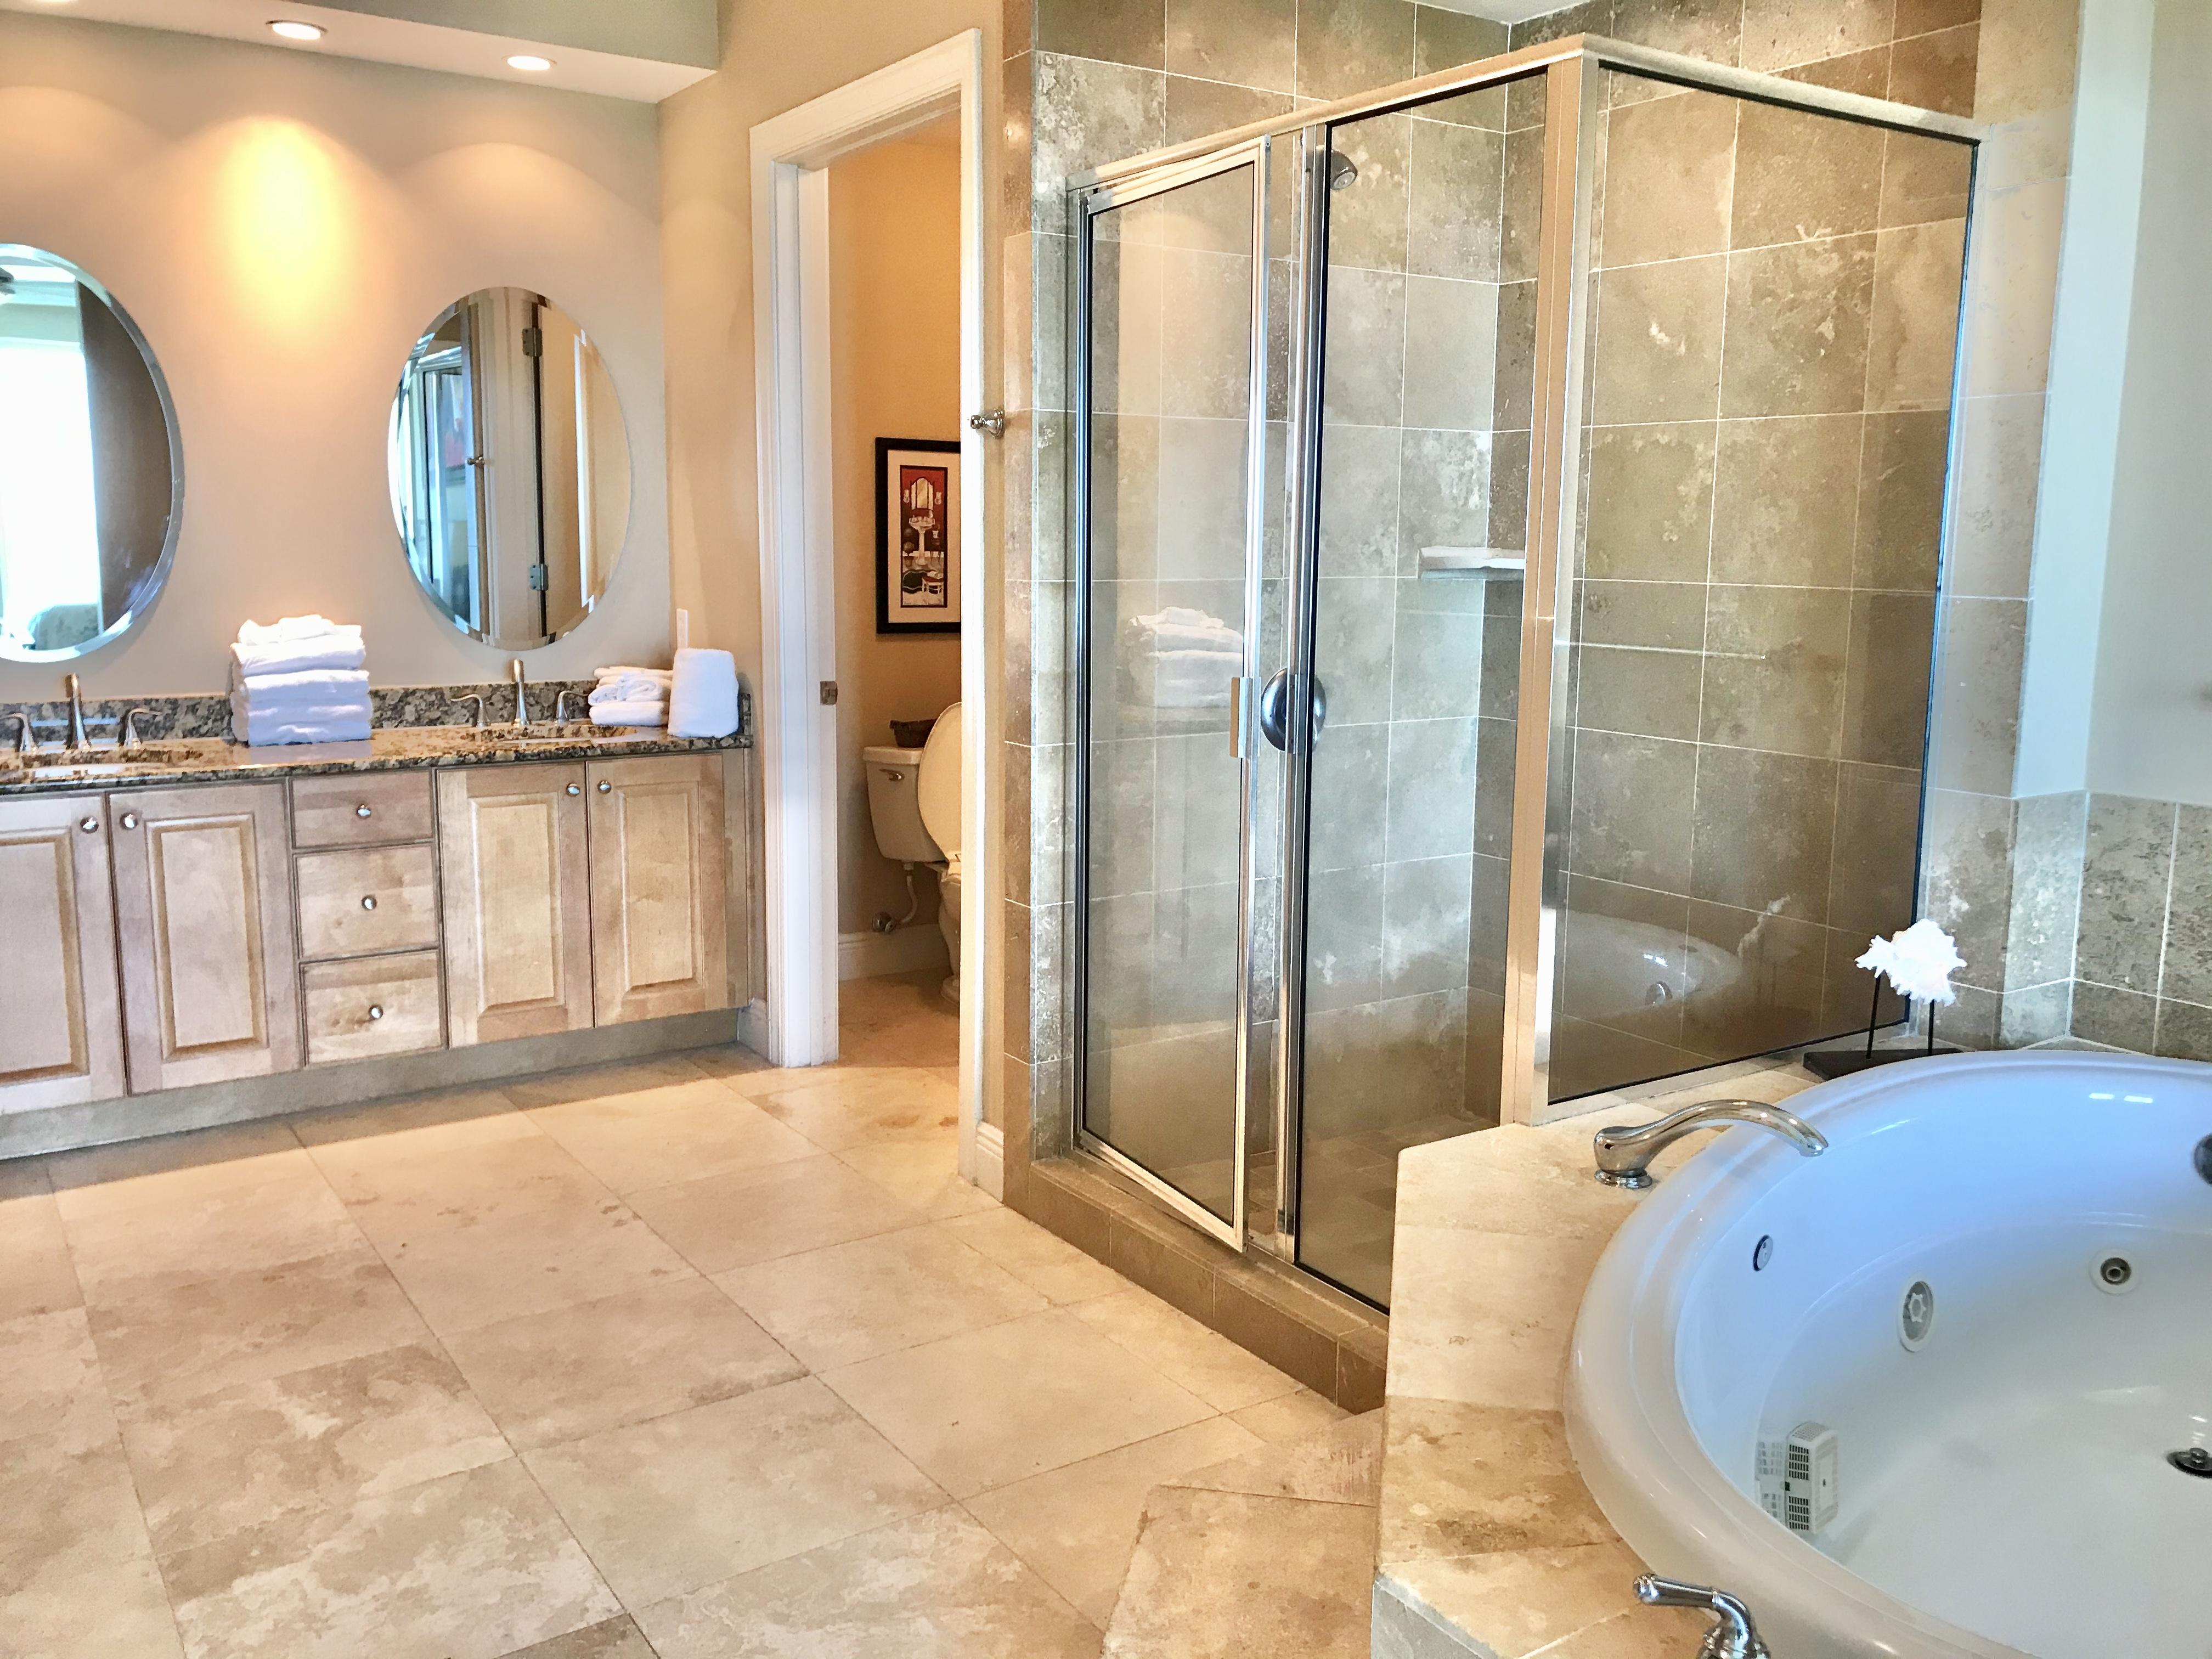 Mustique 401 Condo rental in Mustique in Gulf Shores Alabama - #36